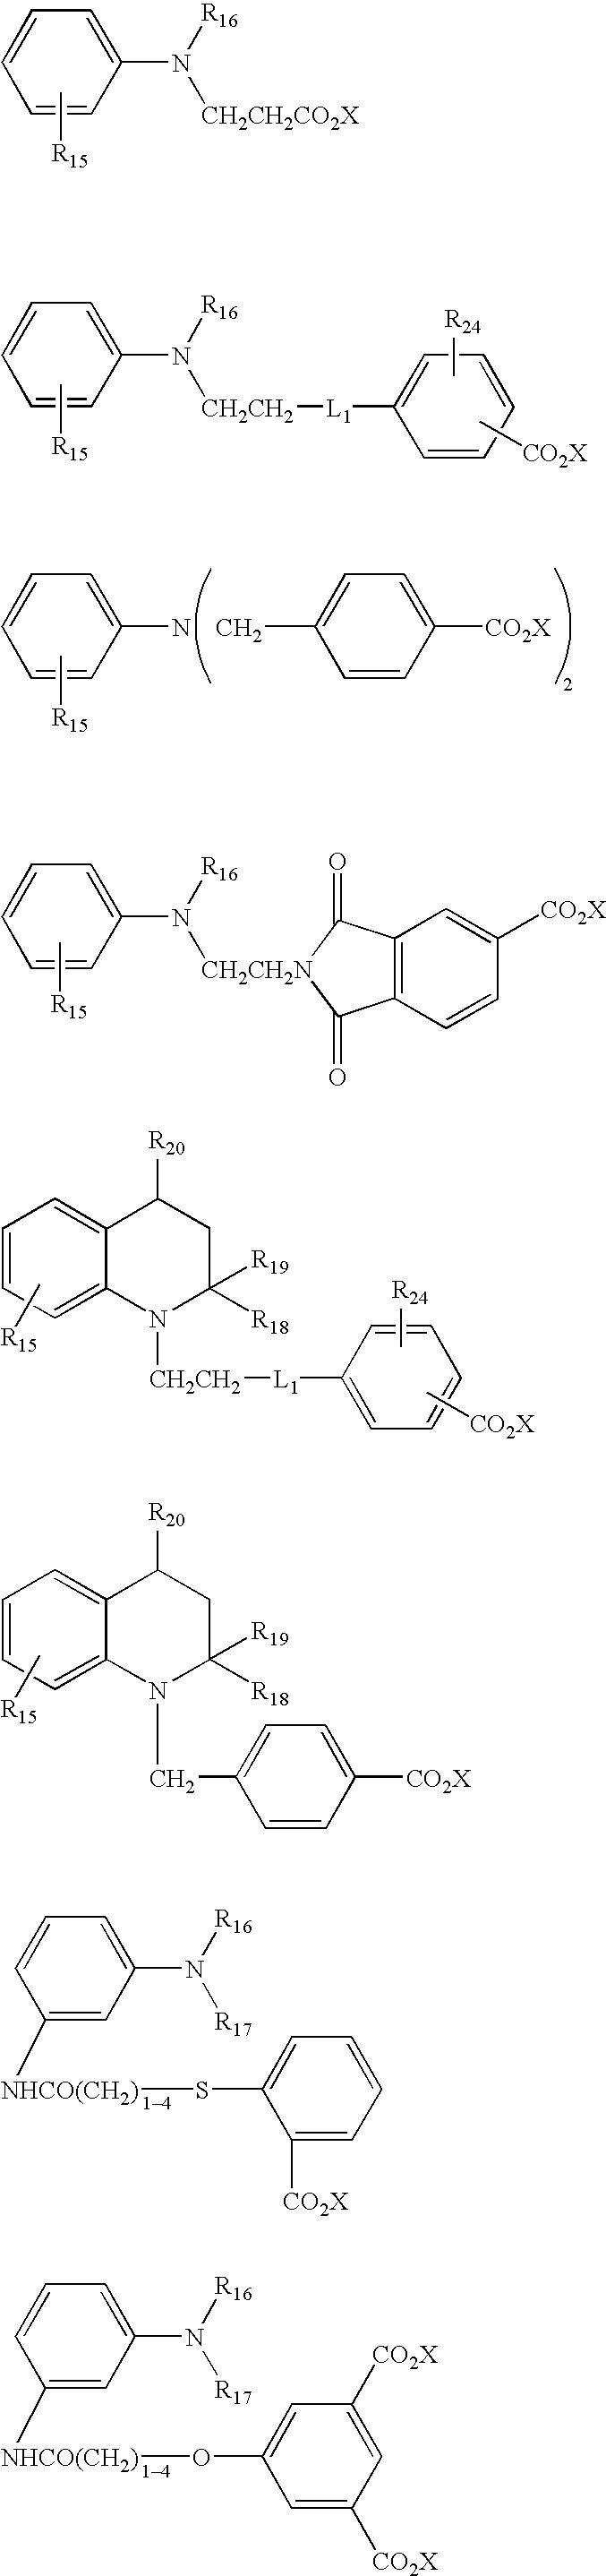 Figure US20060052469A1-20060309-C00035